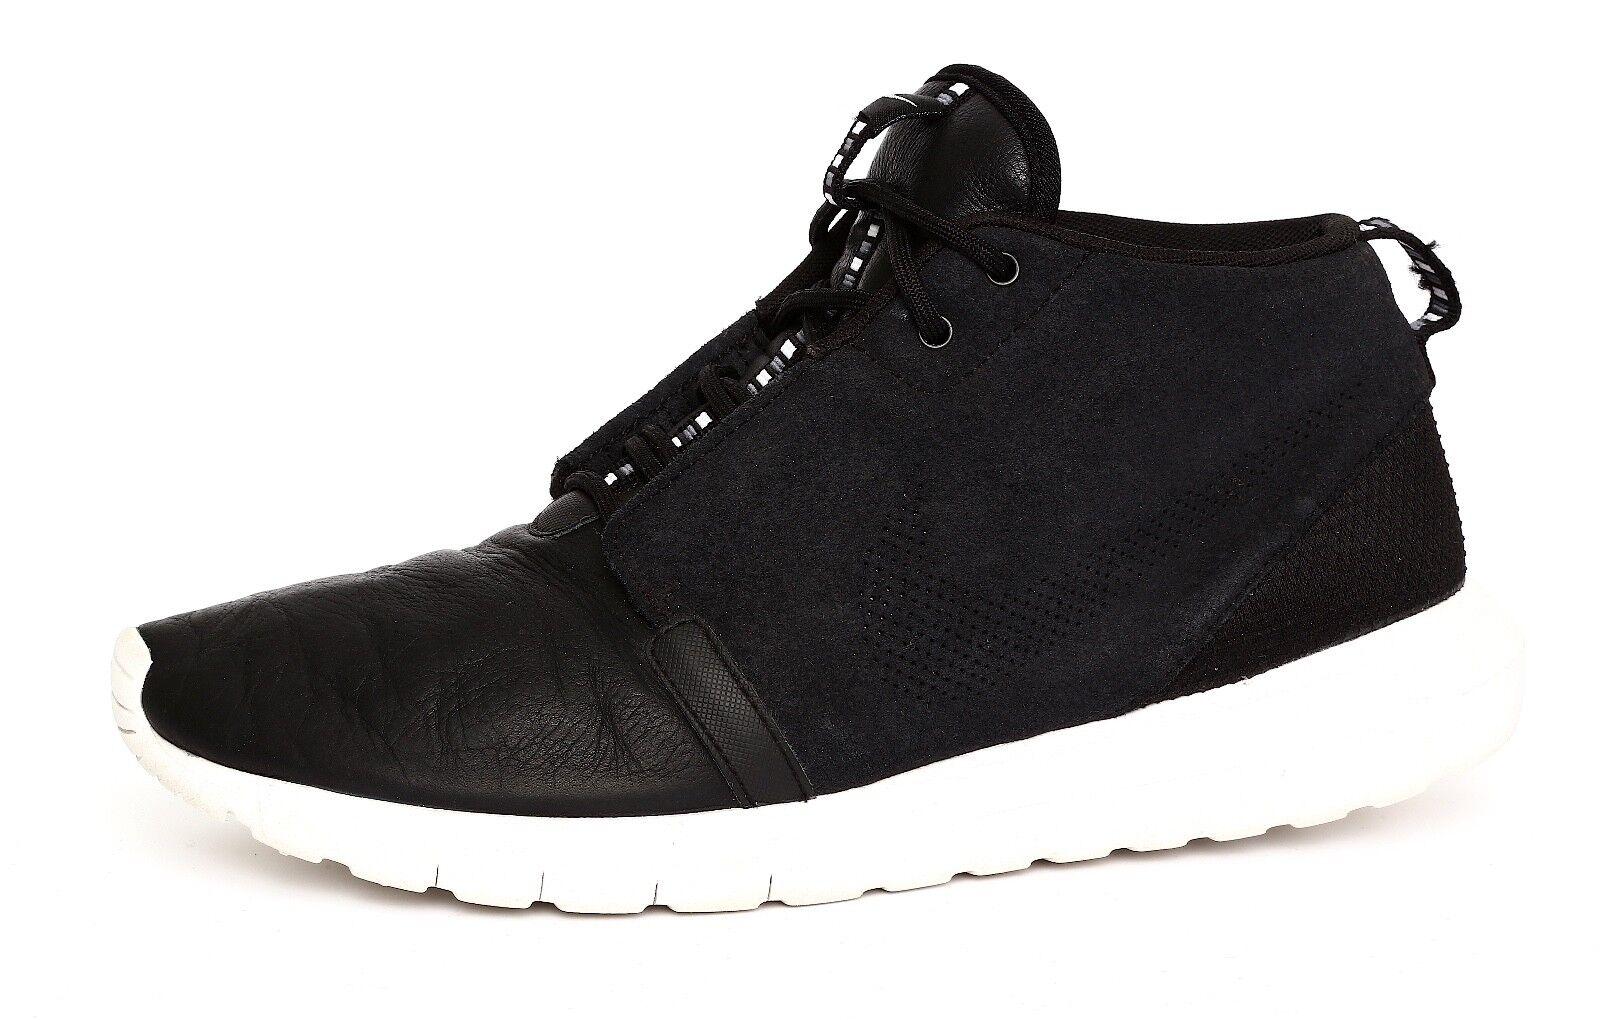 Nike Roshe Men's Black Sneaker Boot Sz 9 1619